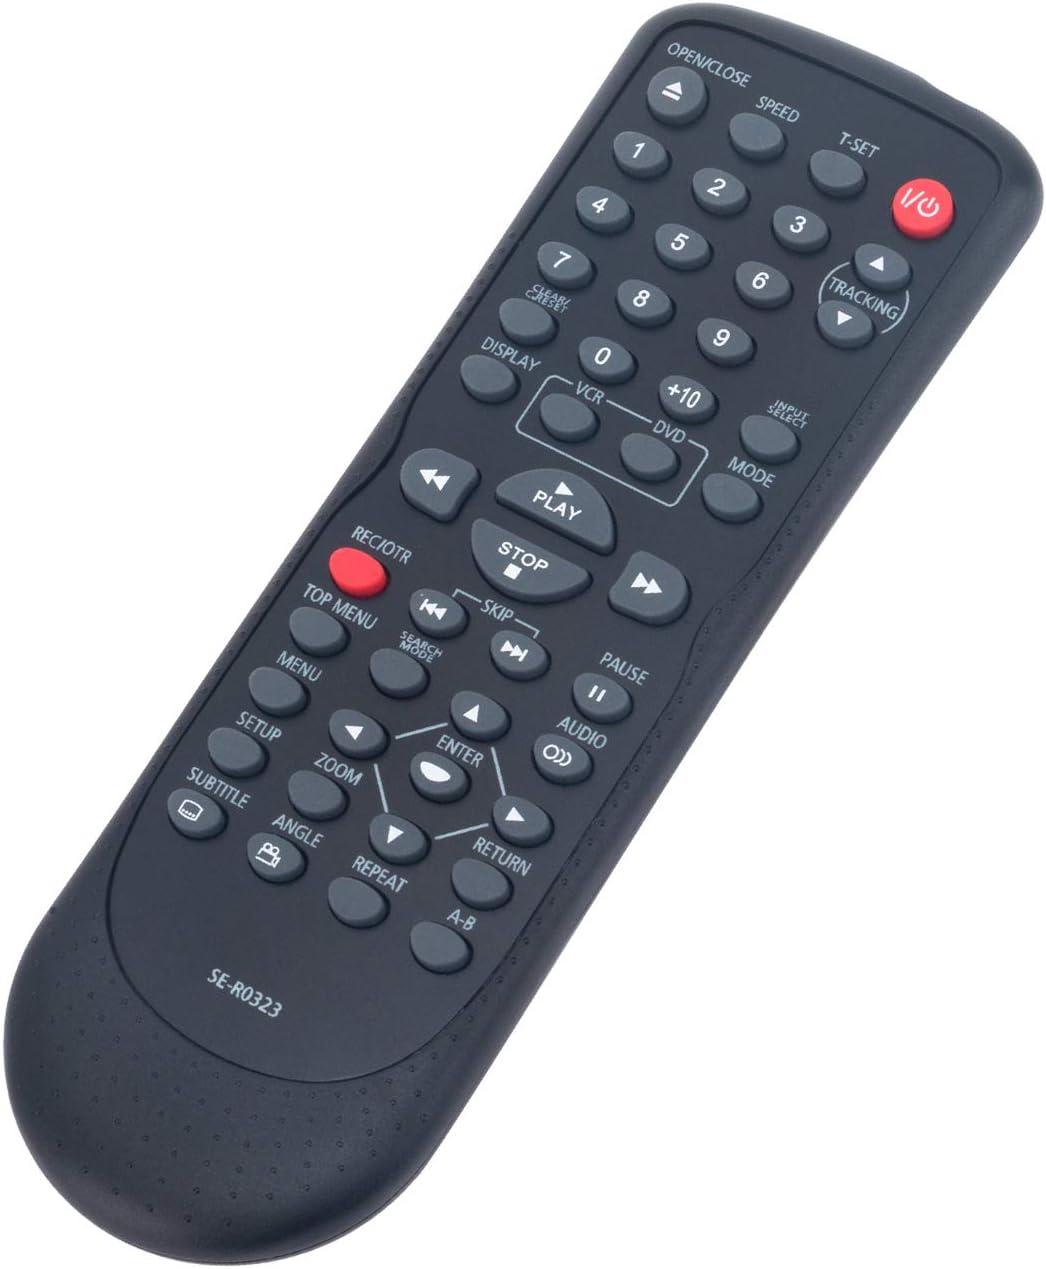 SE-R0323 SER0323 Replace Remote Control fit for Toshiba DVD Video VCR Combo Player SD-V296 SD-V296KU SD-V296KC SDV296 SDV296KU SDV296KC Cassette Recorder